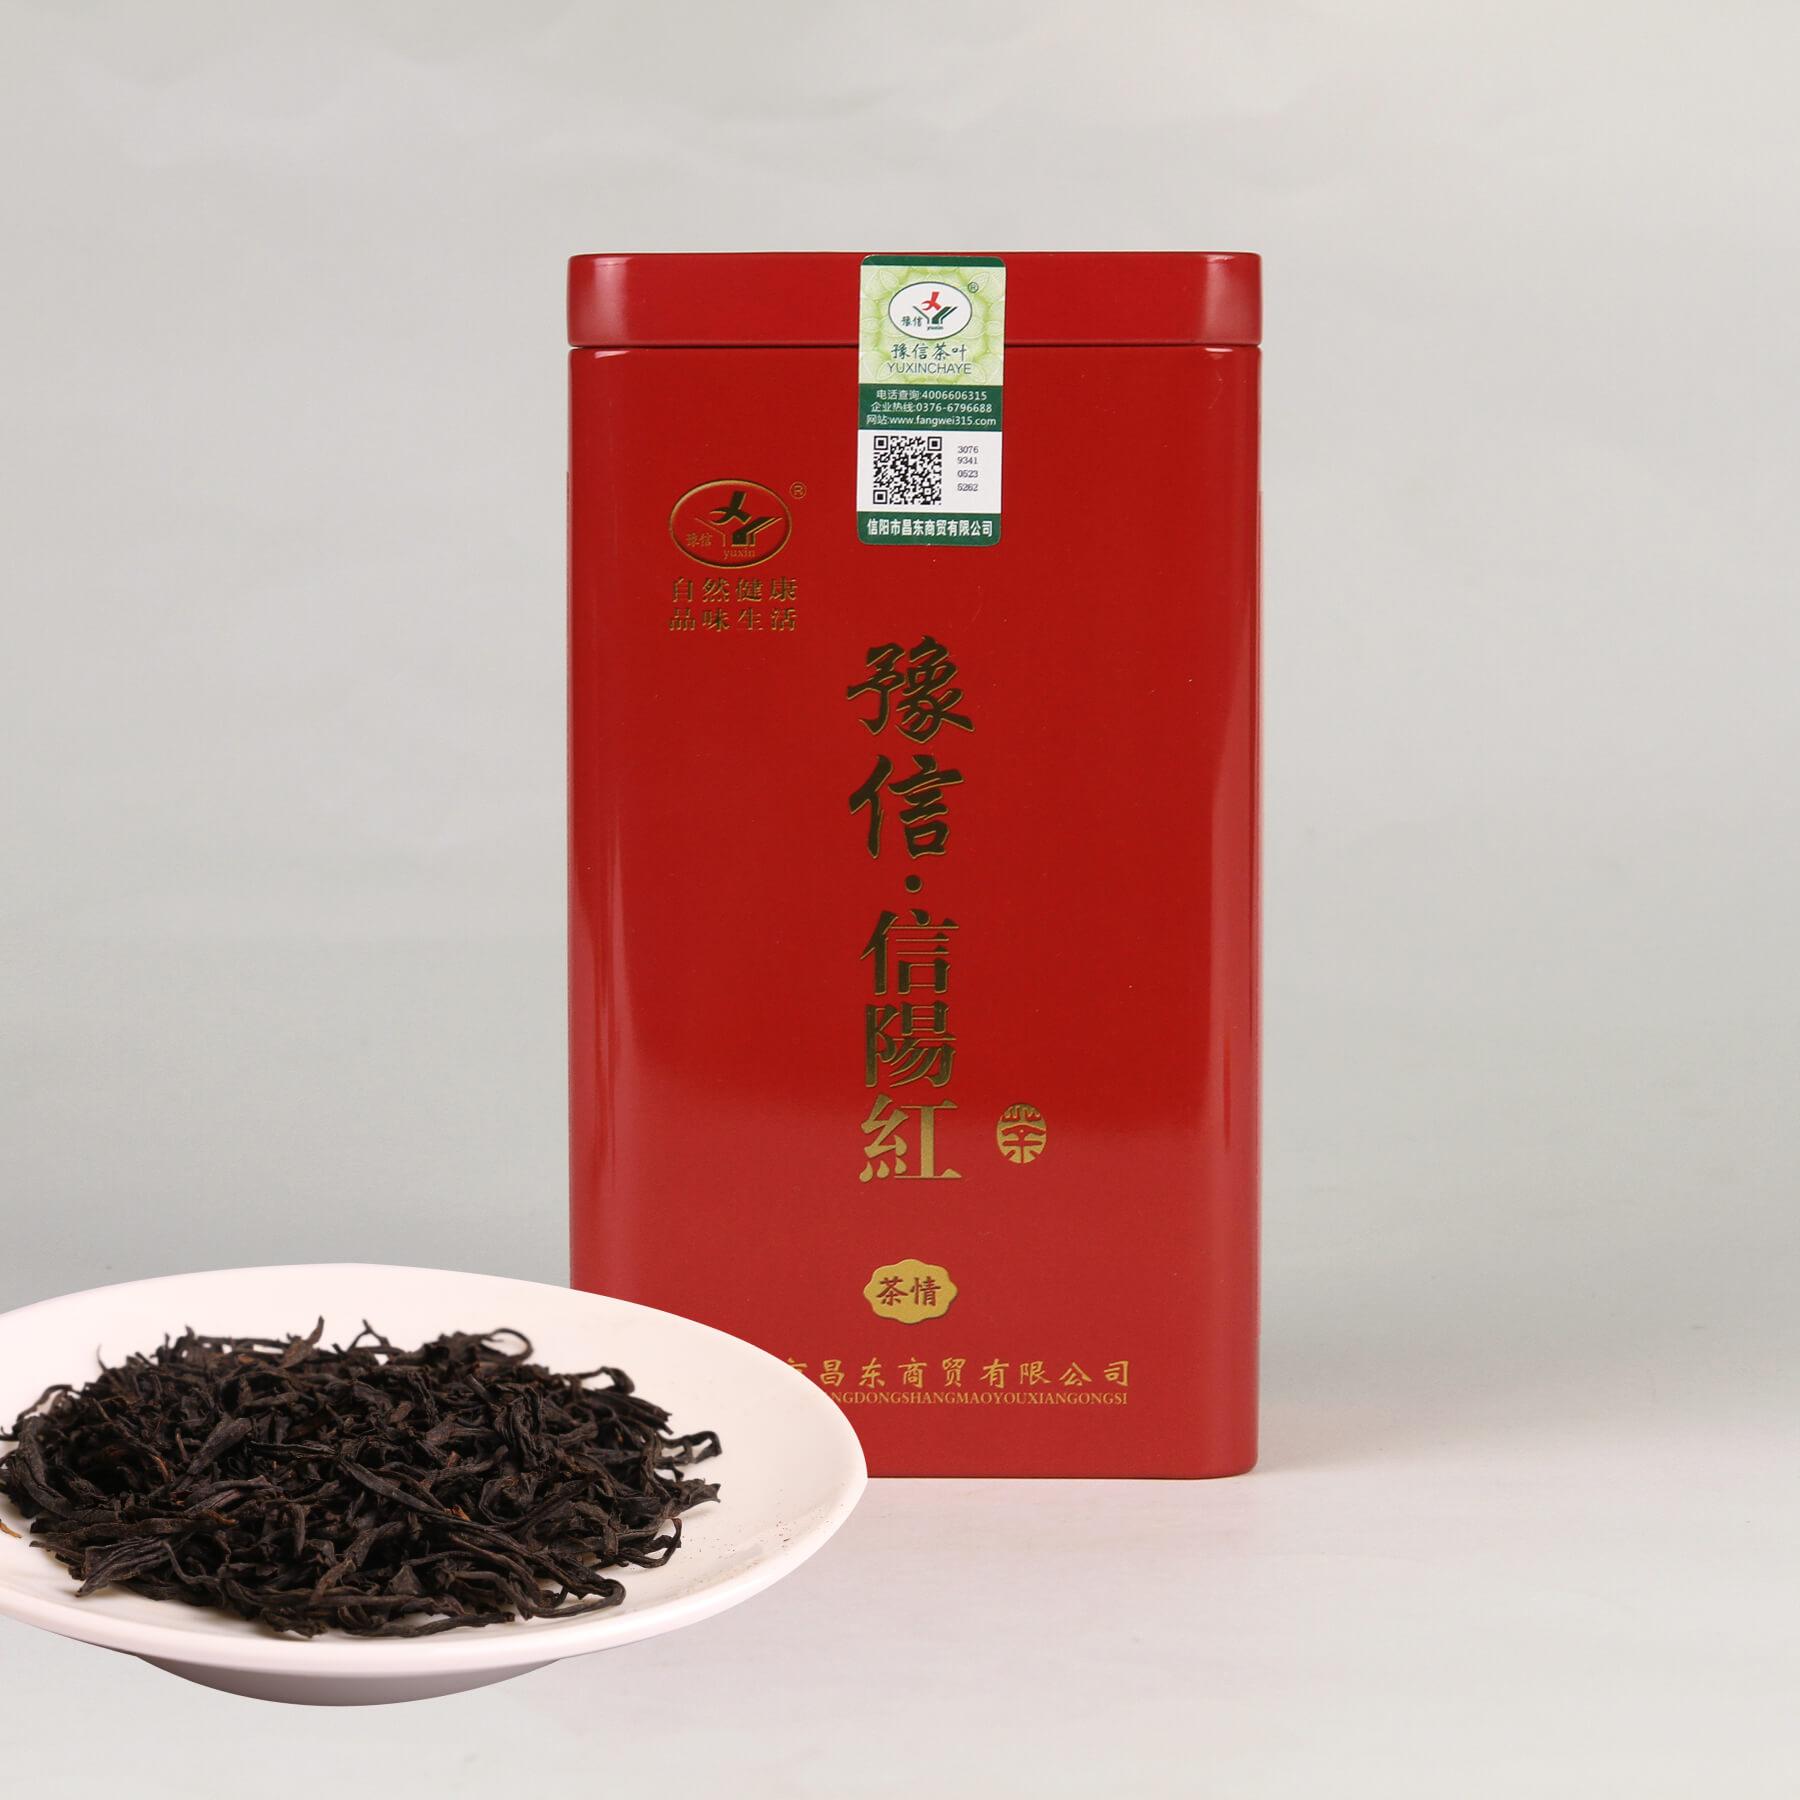 六级信阳红(2016)红茶价格116元/斤